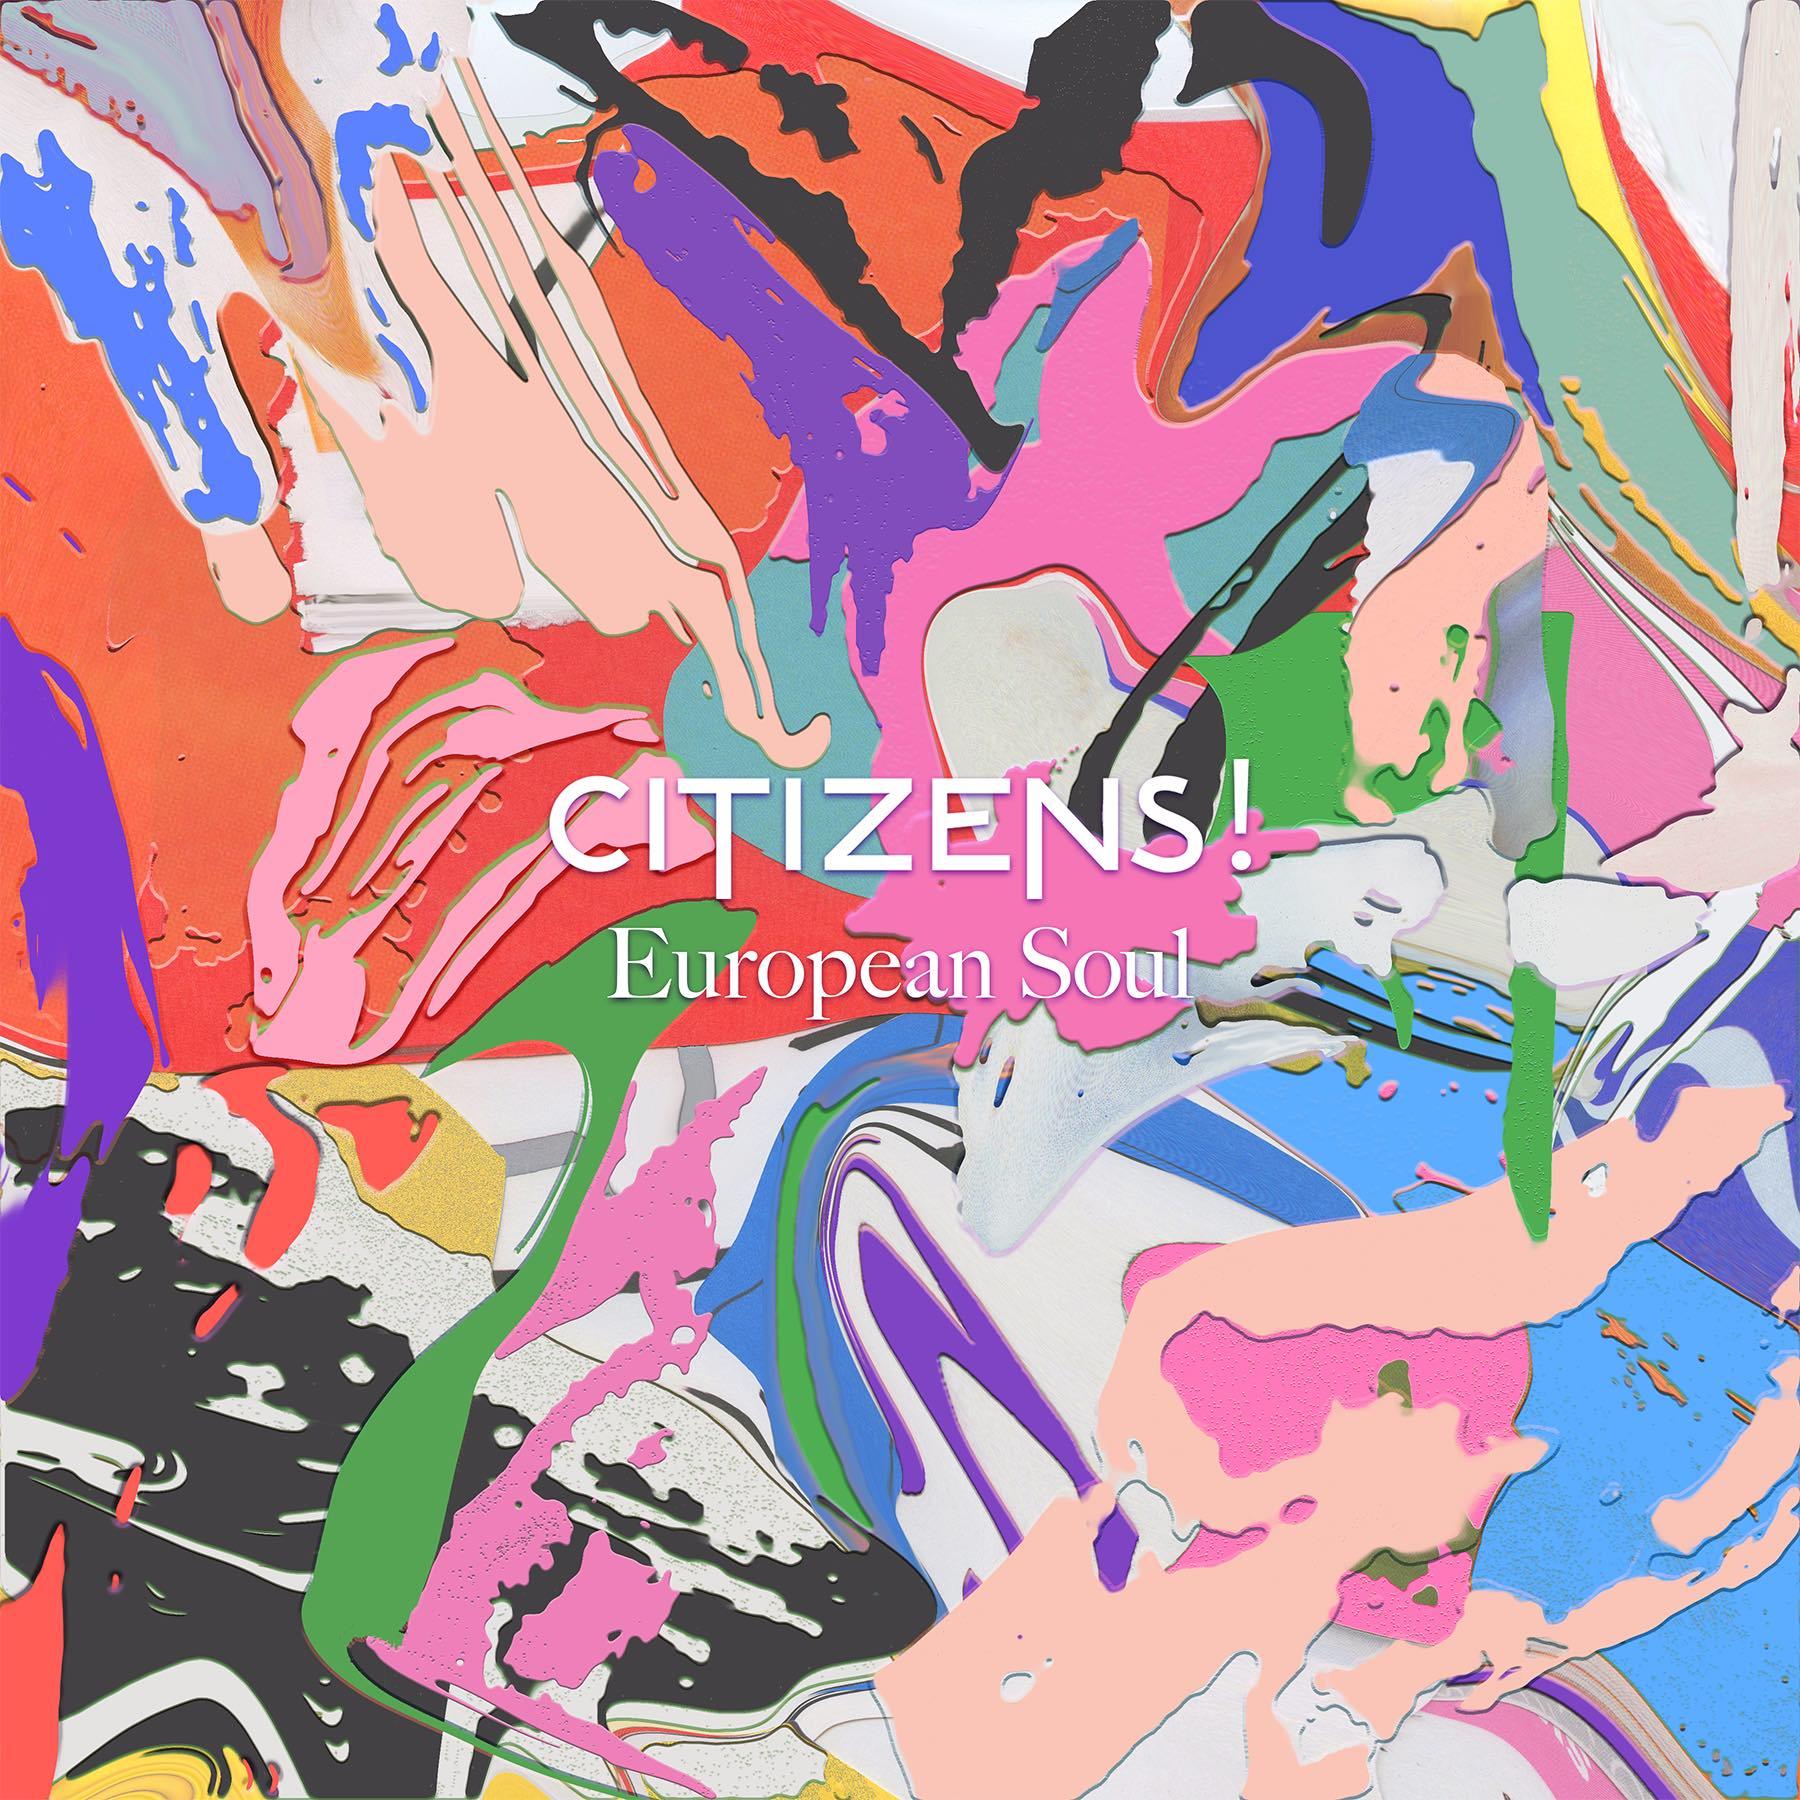 Citizens!Виниловые пластинки<br>Виниловая пластинка<br>